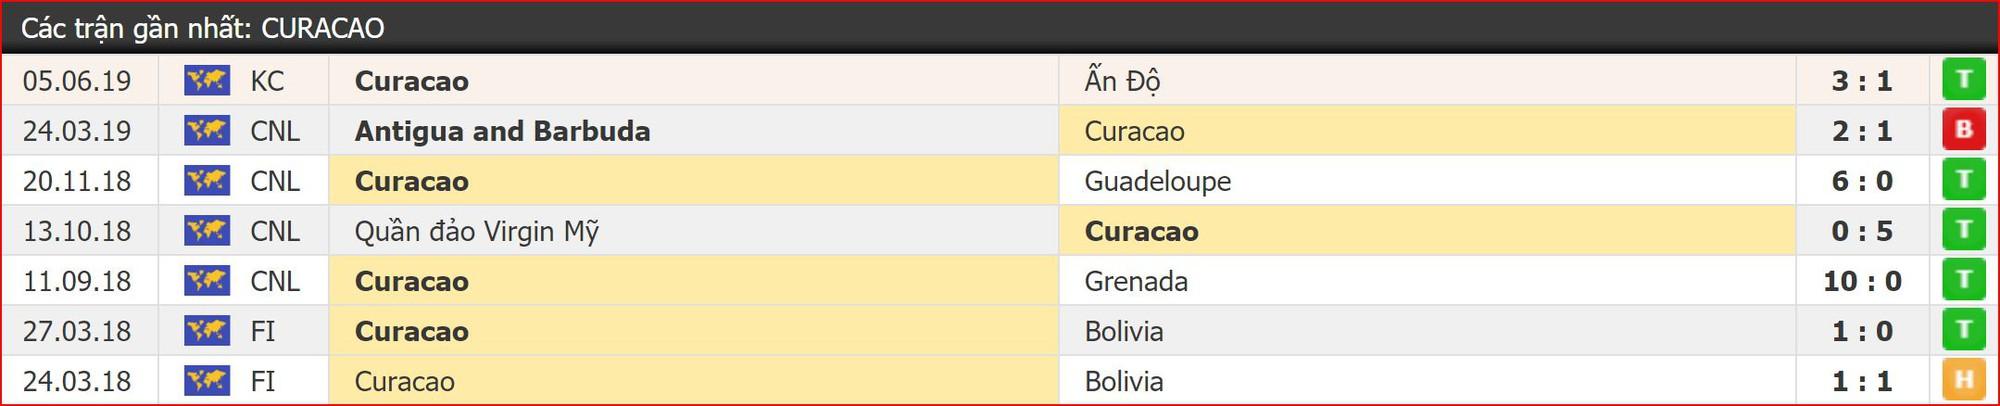 Trực tiếp tỉ số Curacao vs Việt Nam, 19h45 8/6: Chung kết Kings Cup 2019 - Ảnh 3.